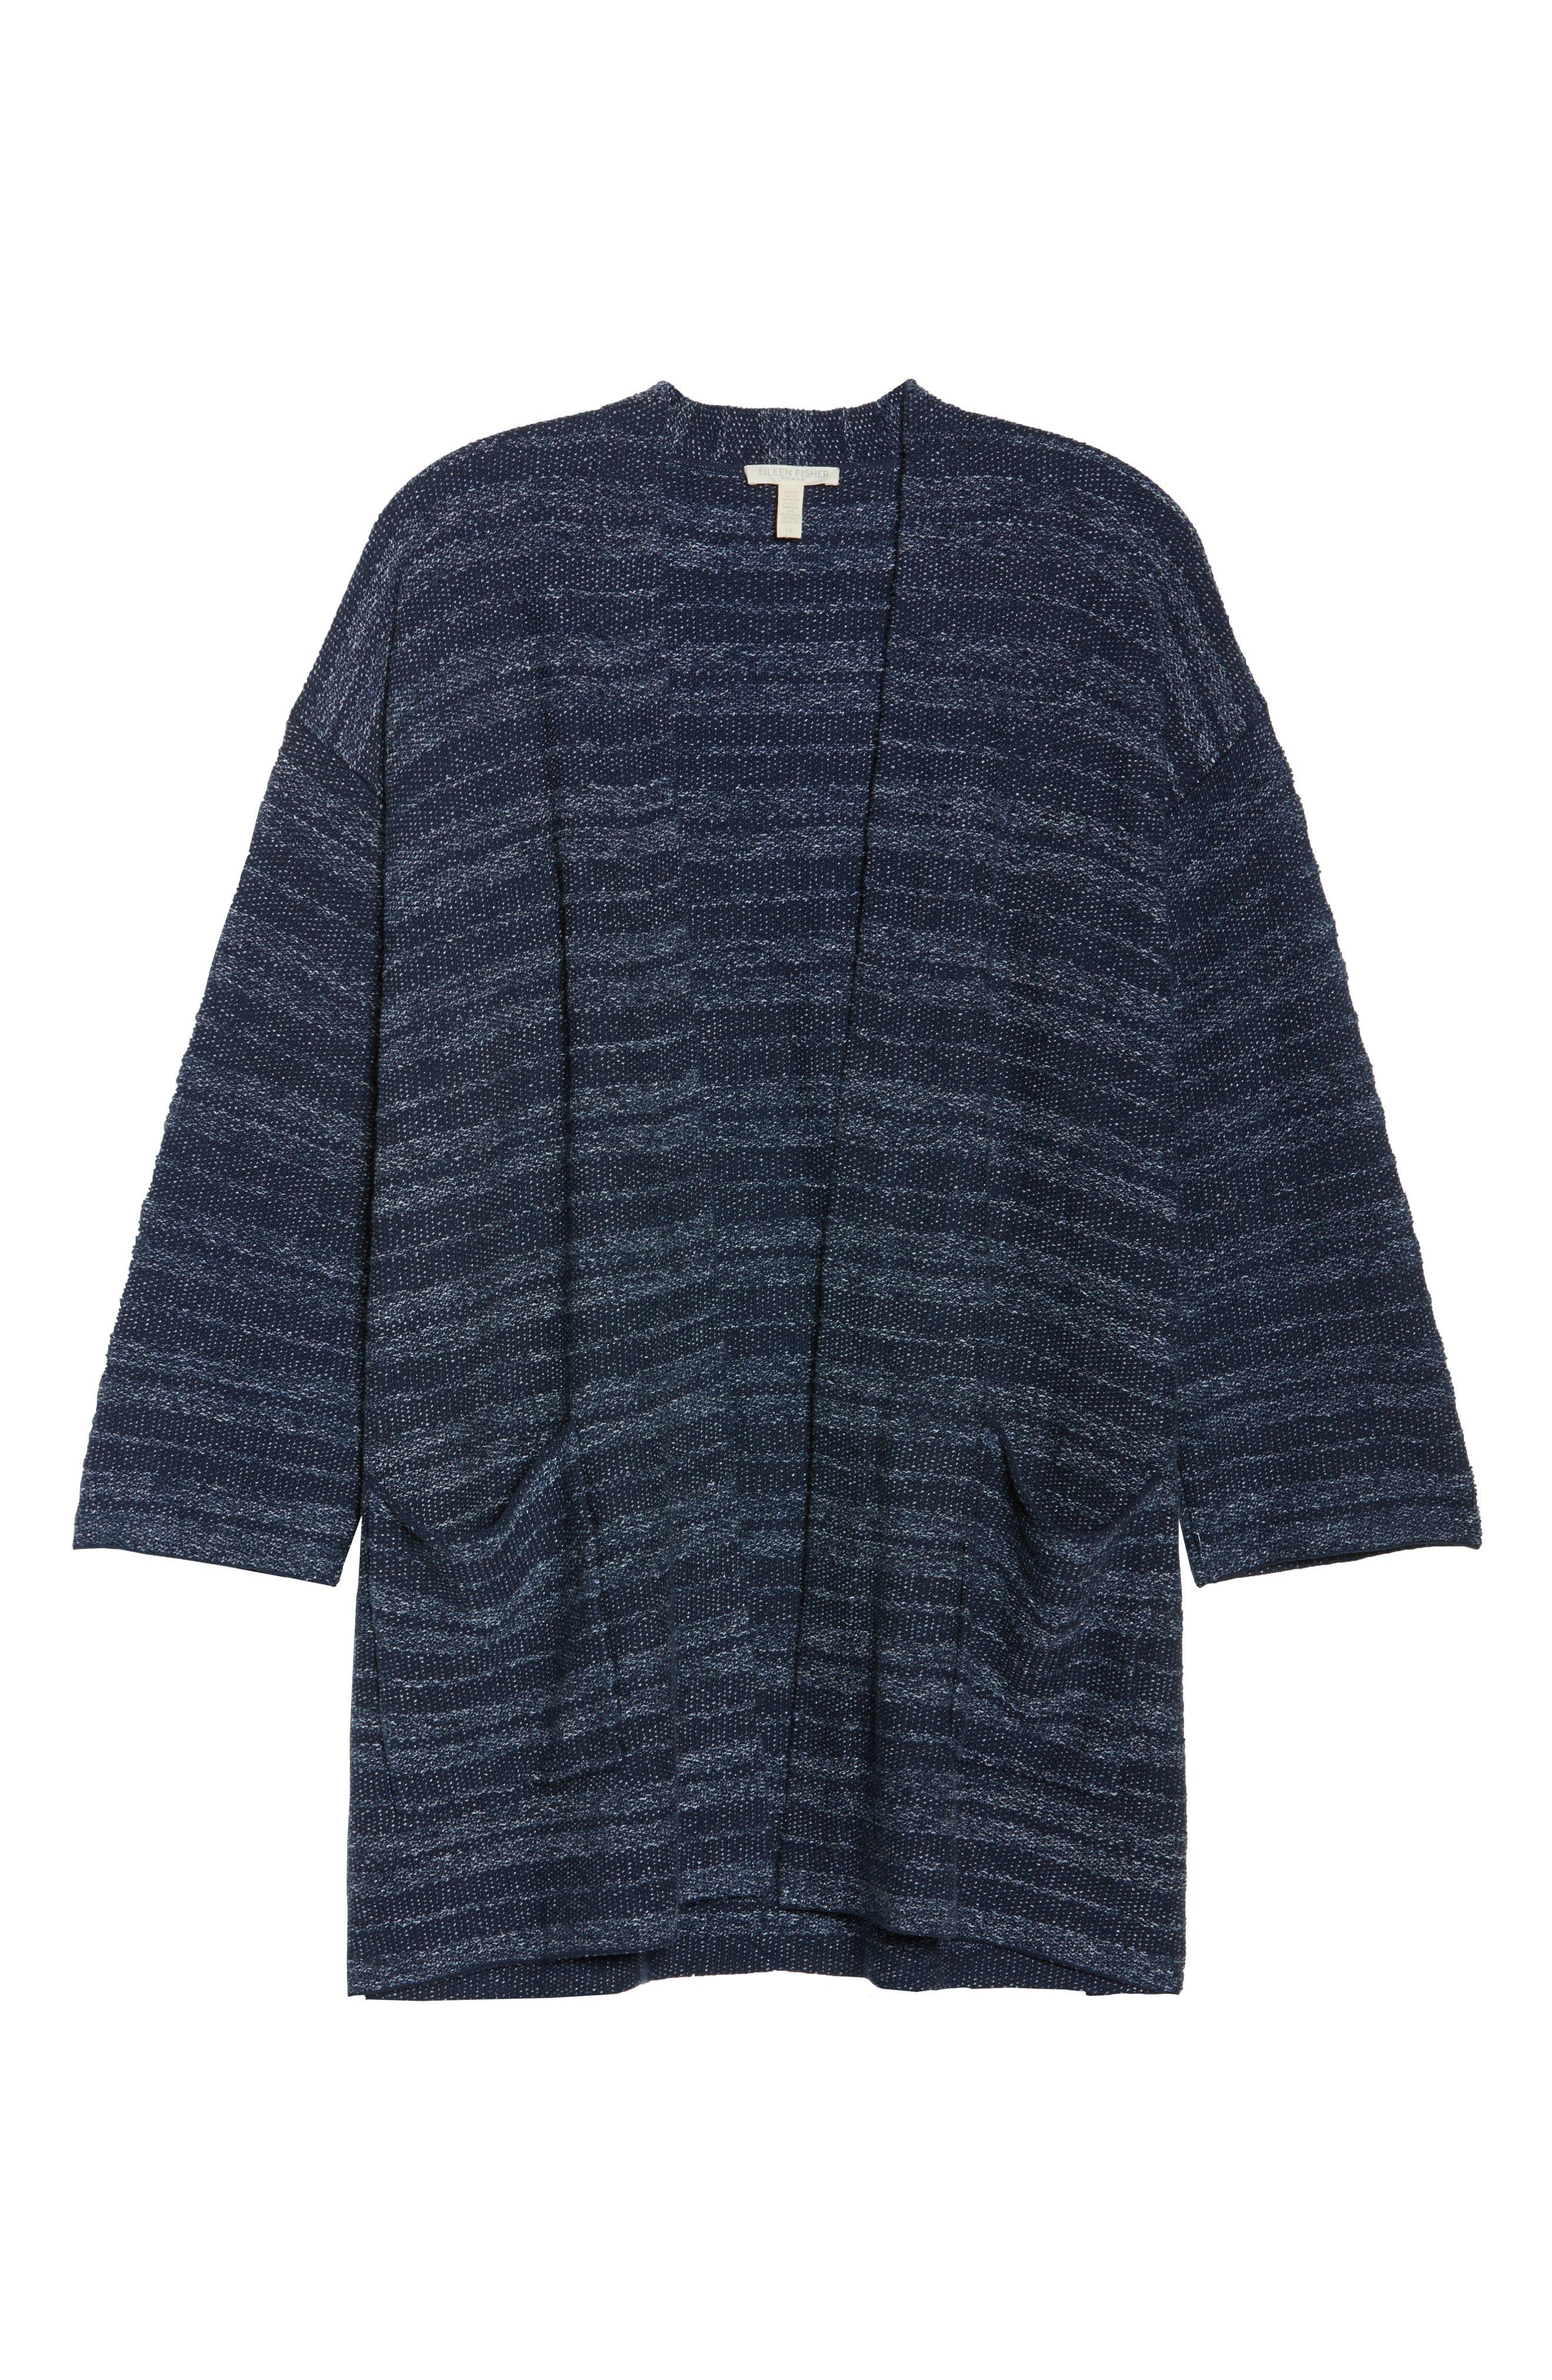 Kimono Cardigan,                             Alternate thumbnail 7, color,